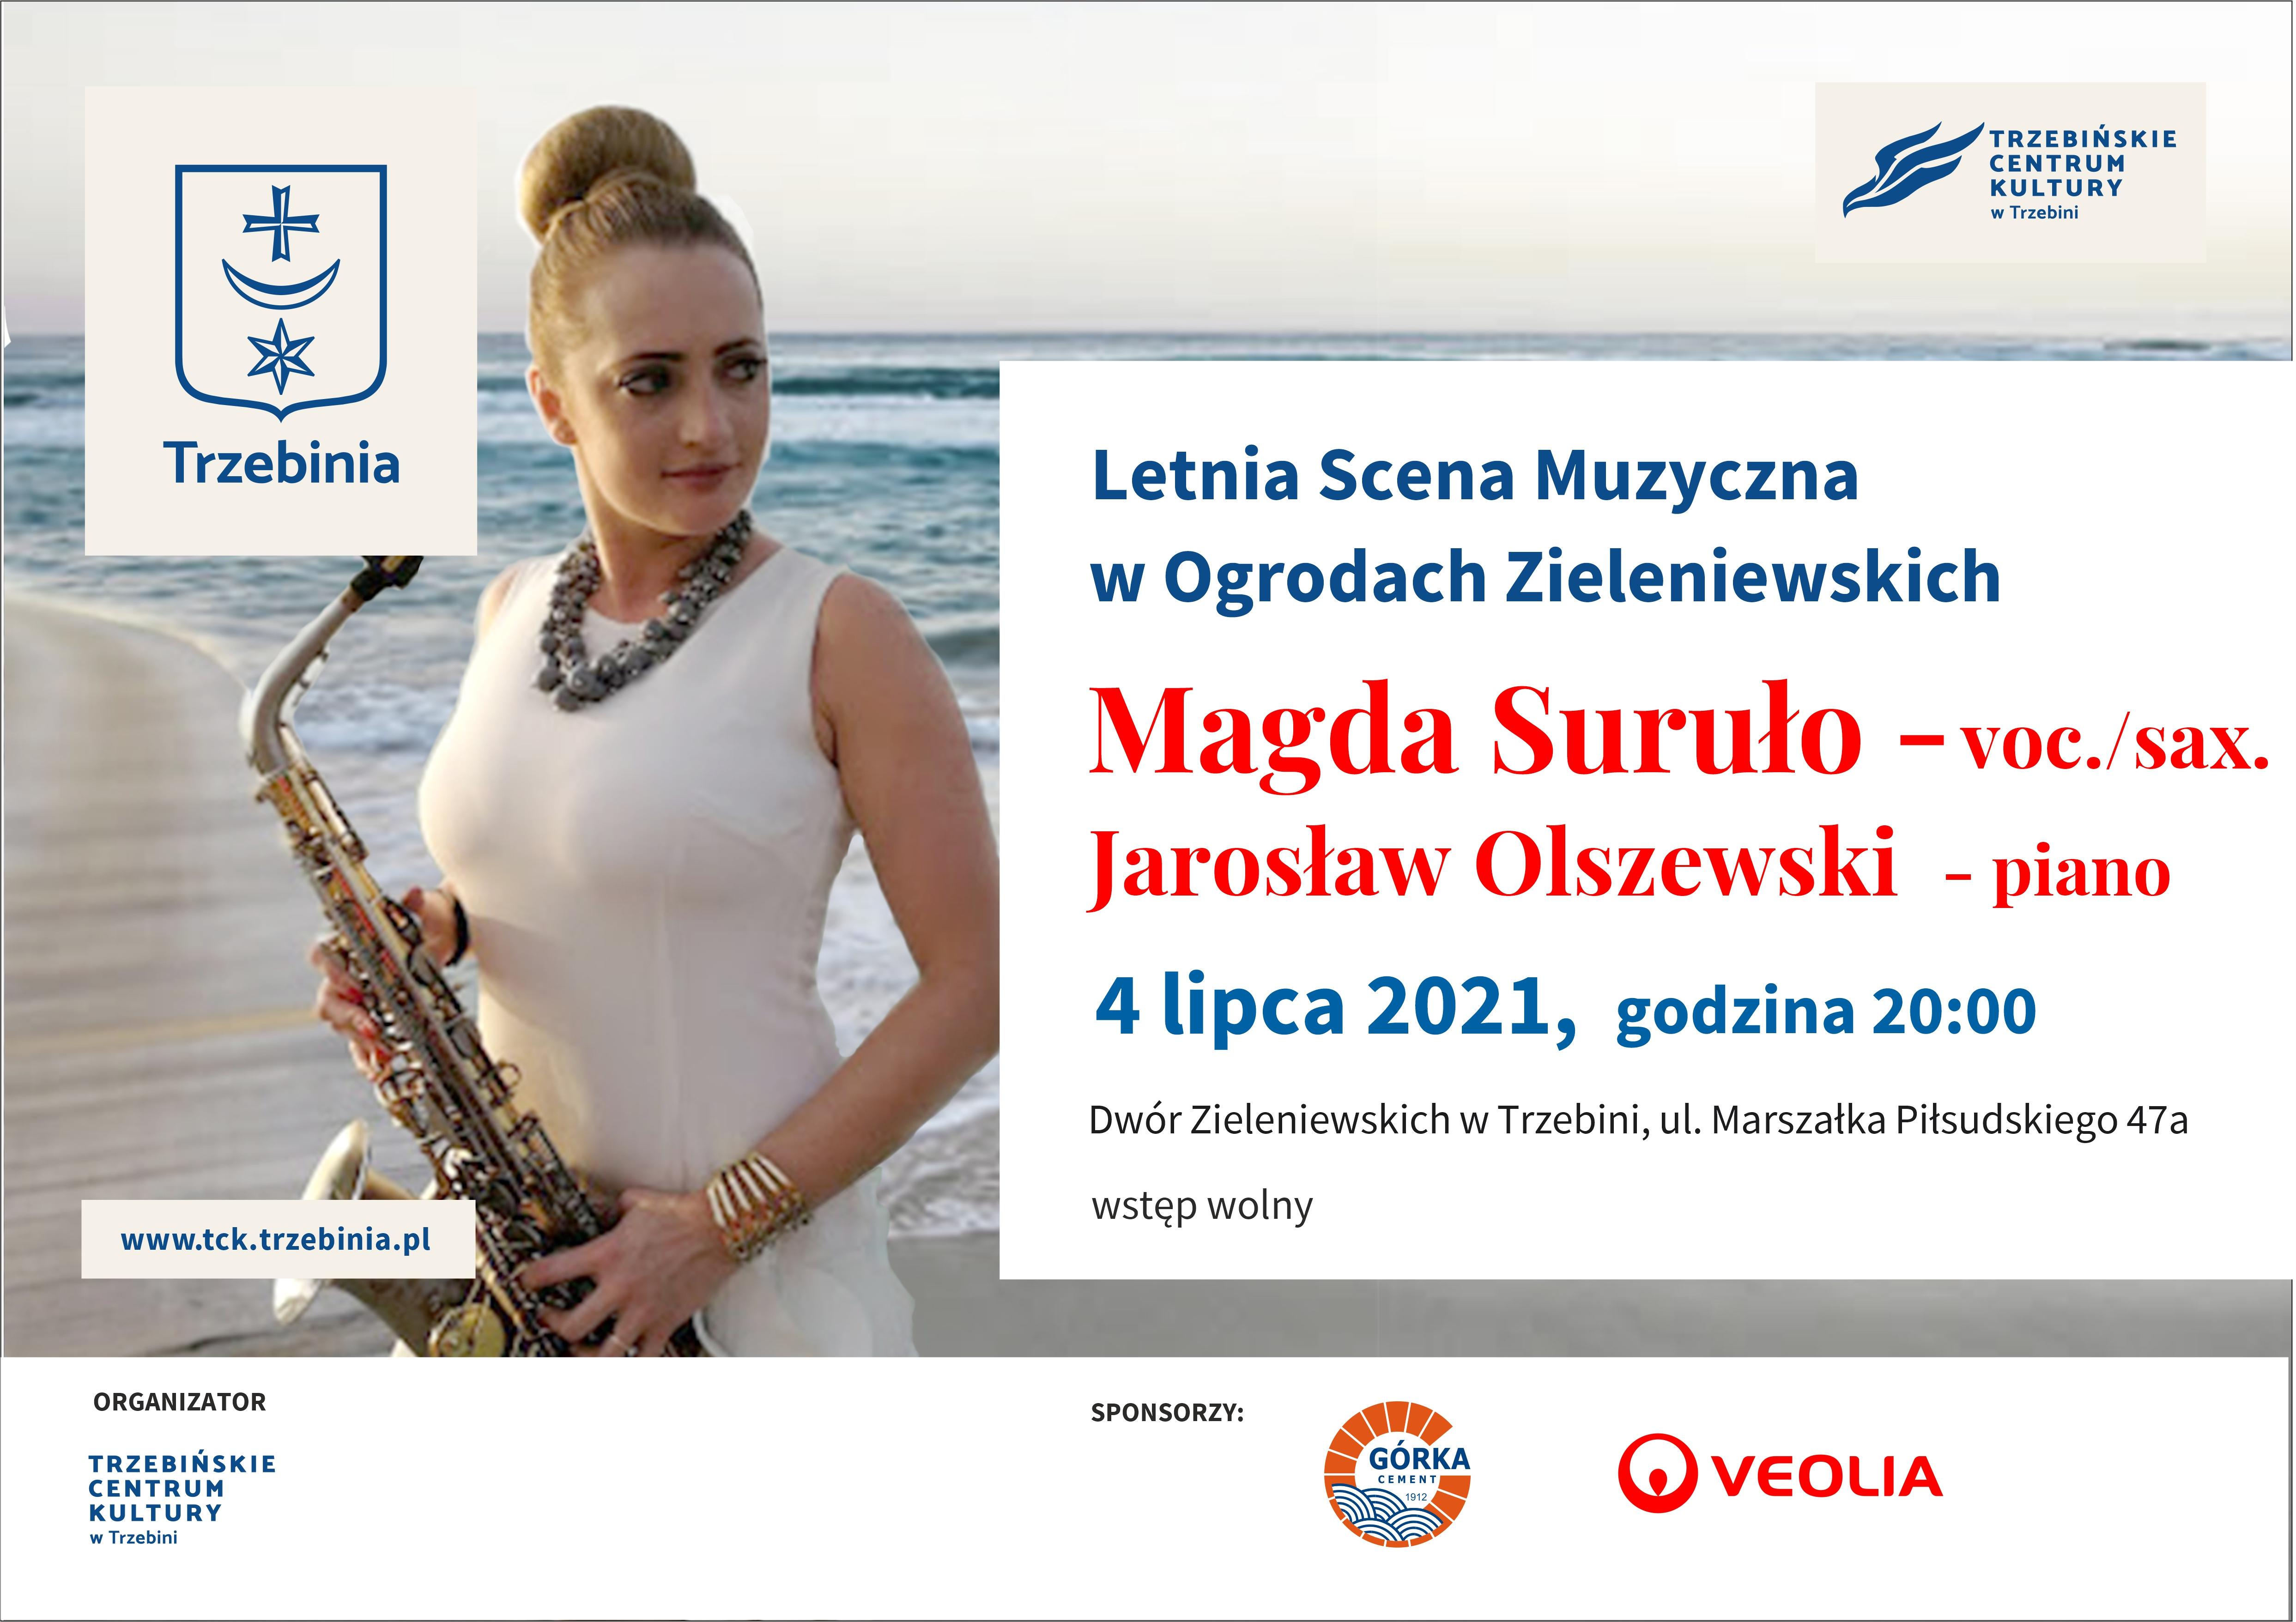 Letnia Scena Muzyczna - koncert Magdy Suruło